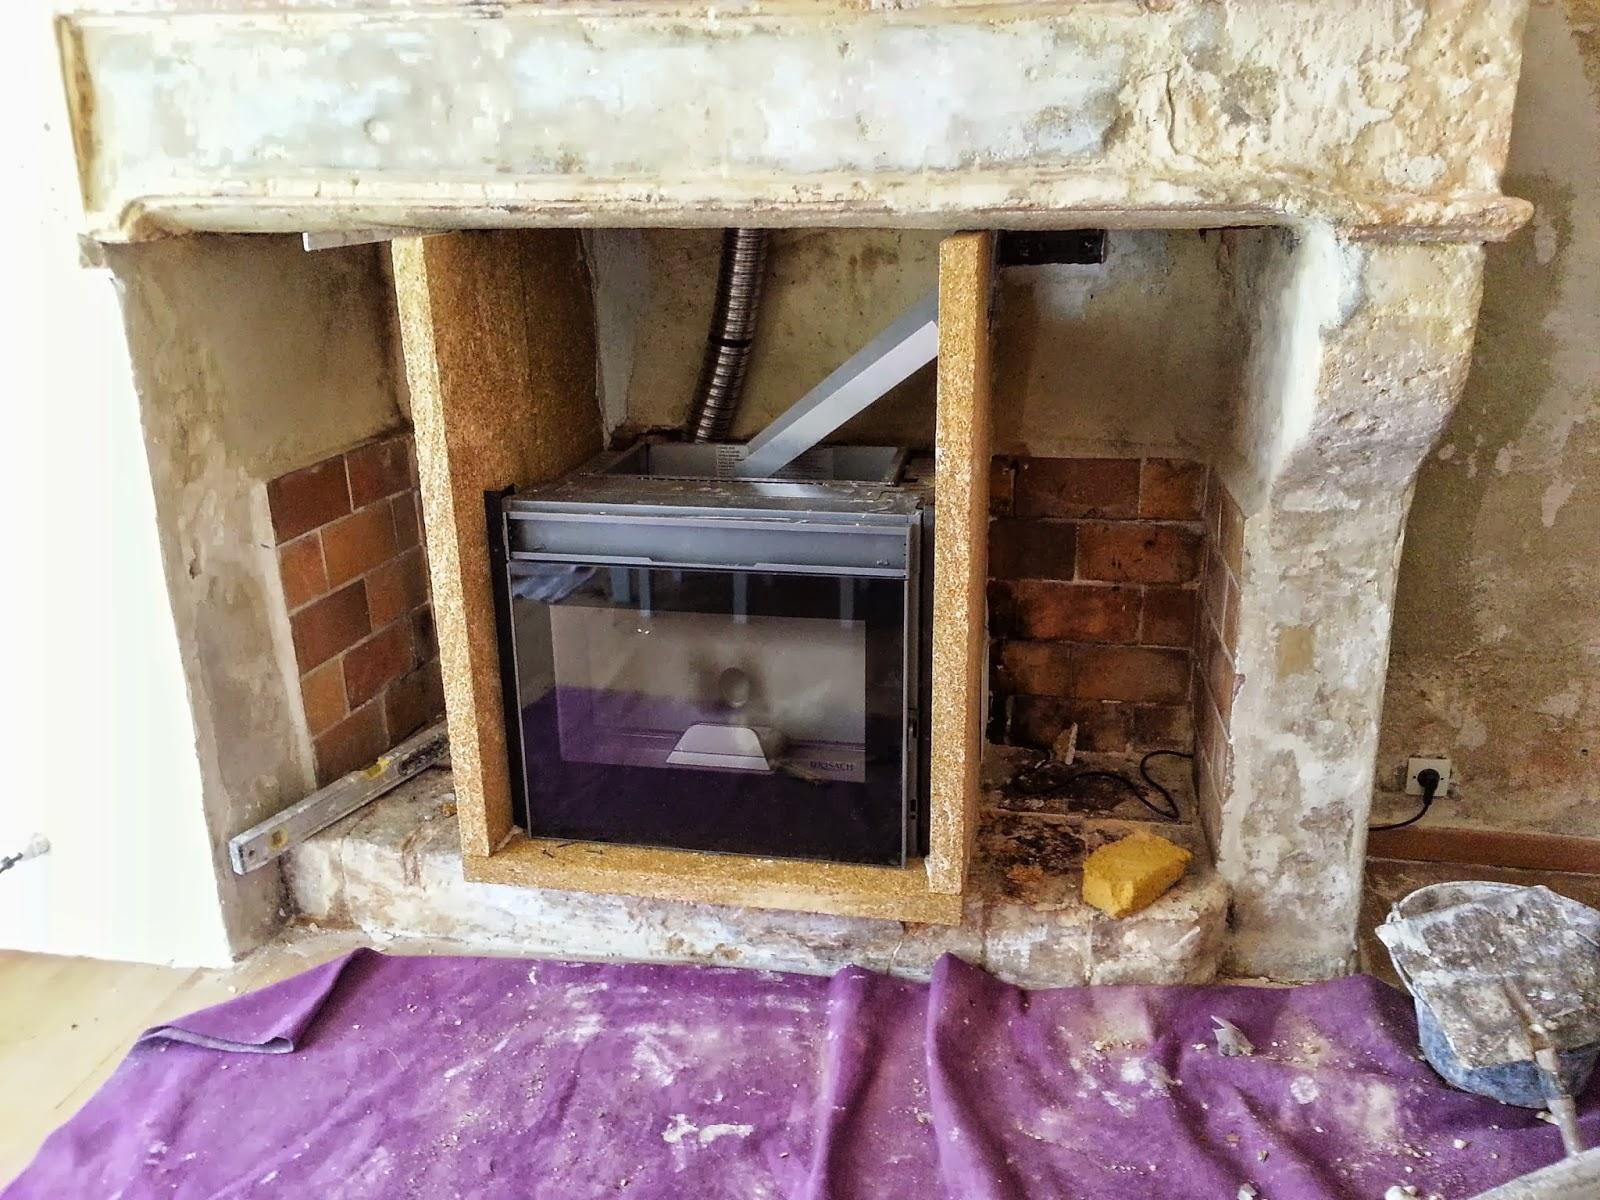 1 pose d 39 un insert pellet pour chauffer toute la maison - Amenagement autour d un insert de cheminee ...